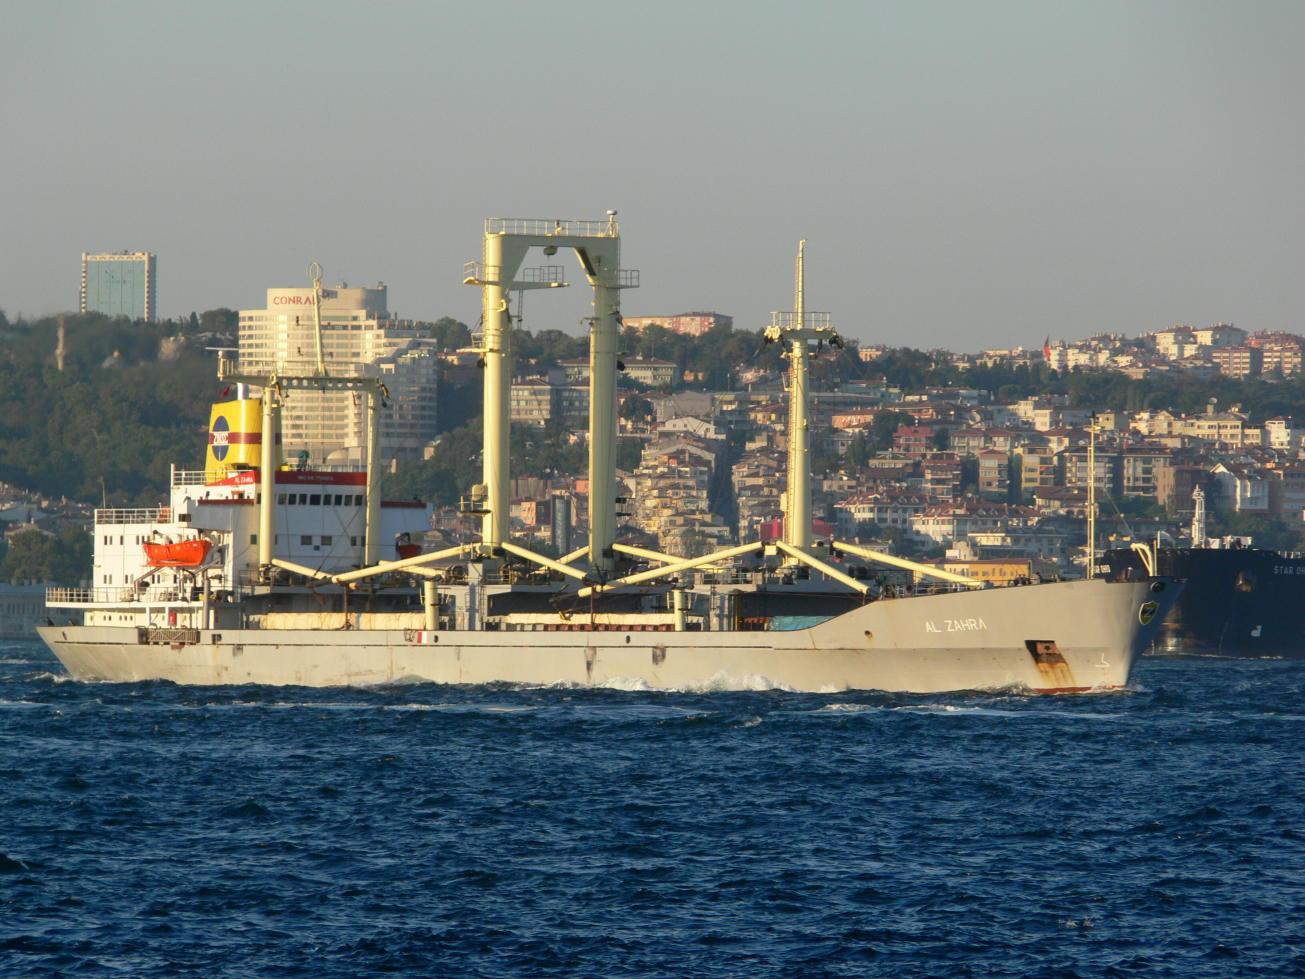 مسیر دریایی هندوستان- قشم افتتاح شد/ آغاز فصلی نوین در تجارت دریایی